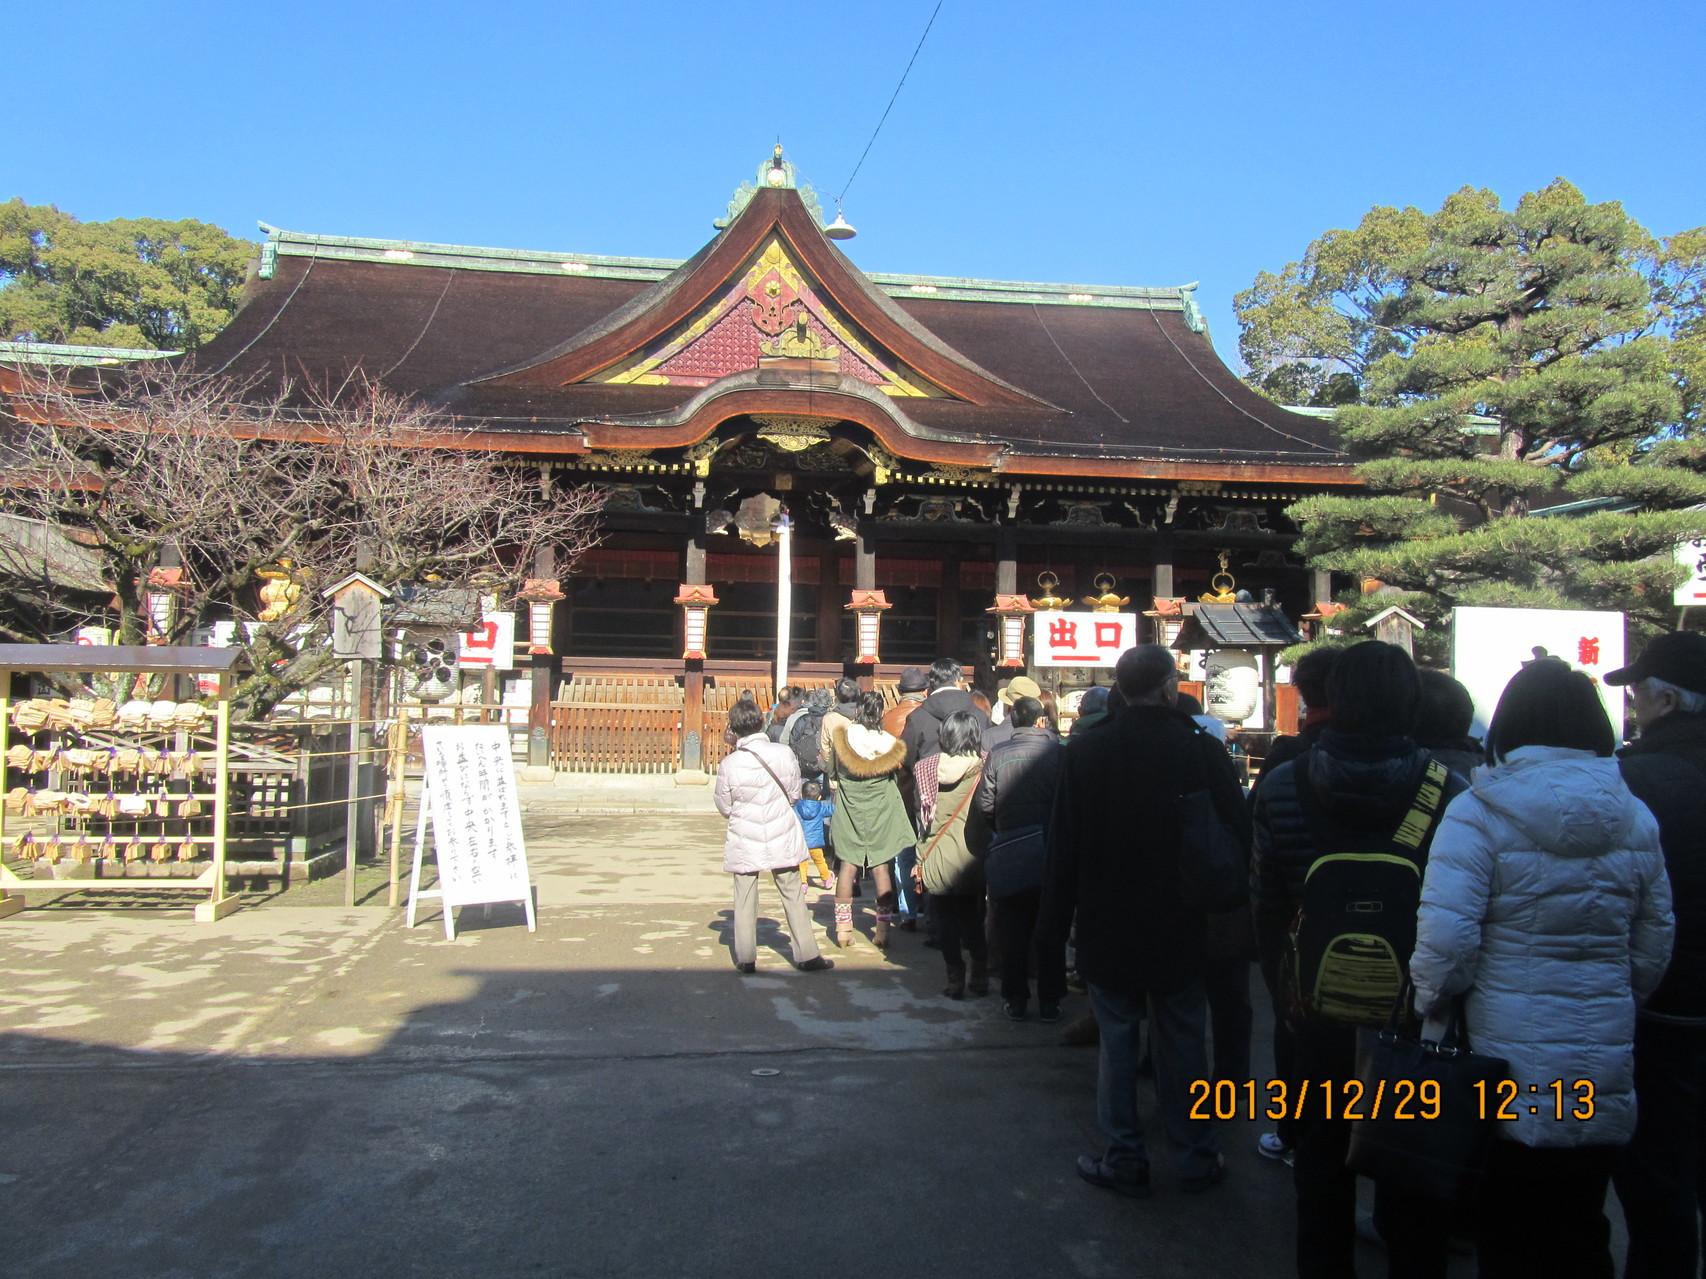 京都、北野天満宮。私が通った洛星高校のすぐ近くにあります。「天神さん」と呼ばれ、親しまれています。